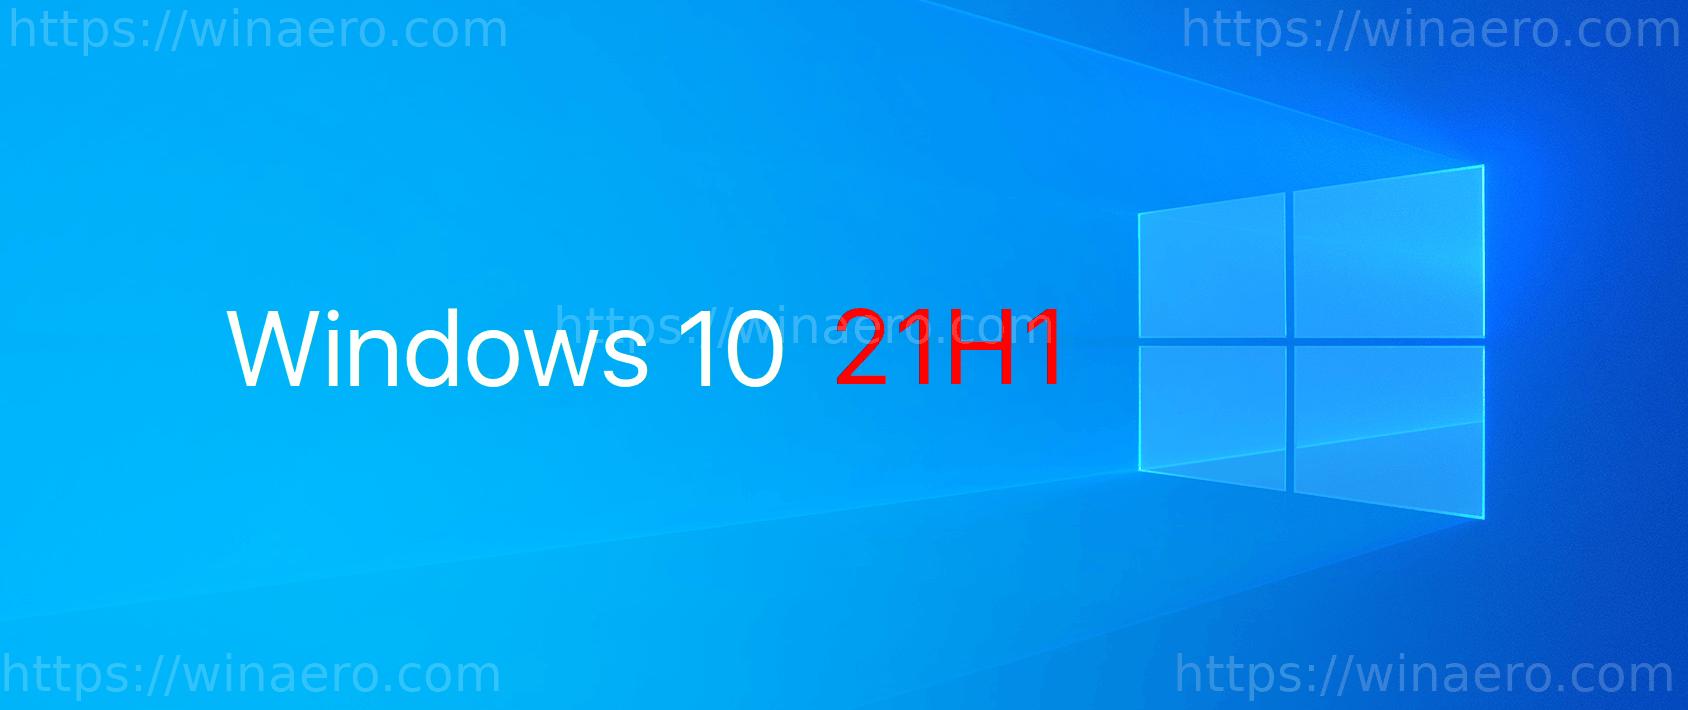 Windows 10 21H1 Banner